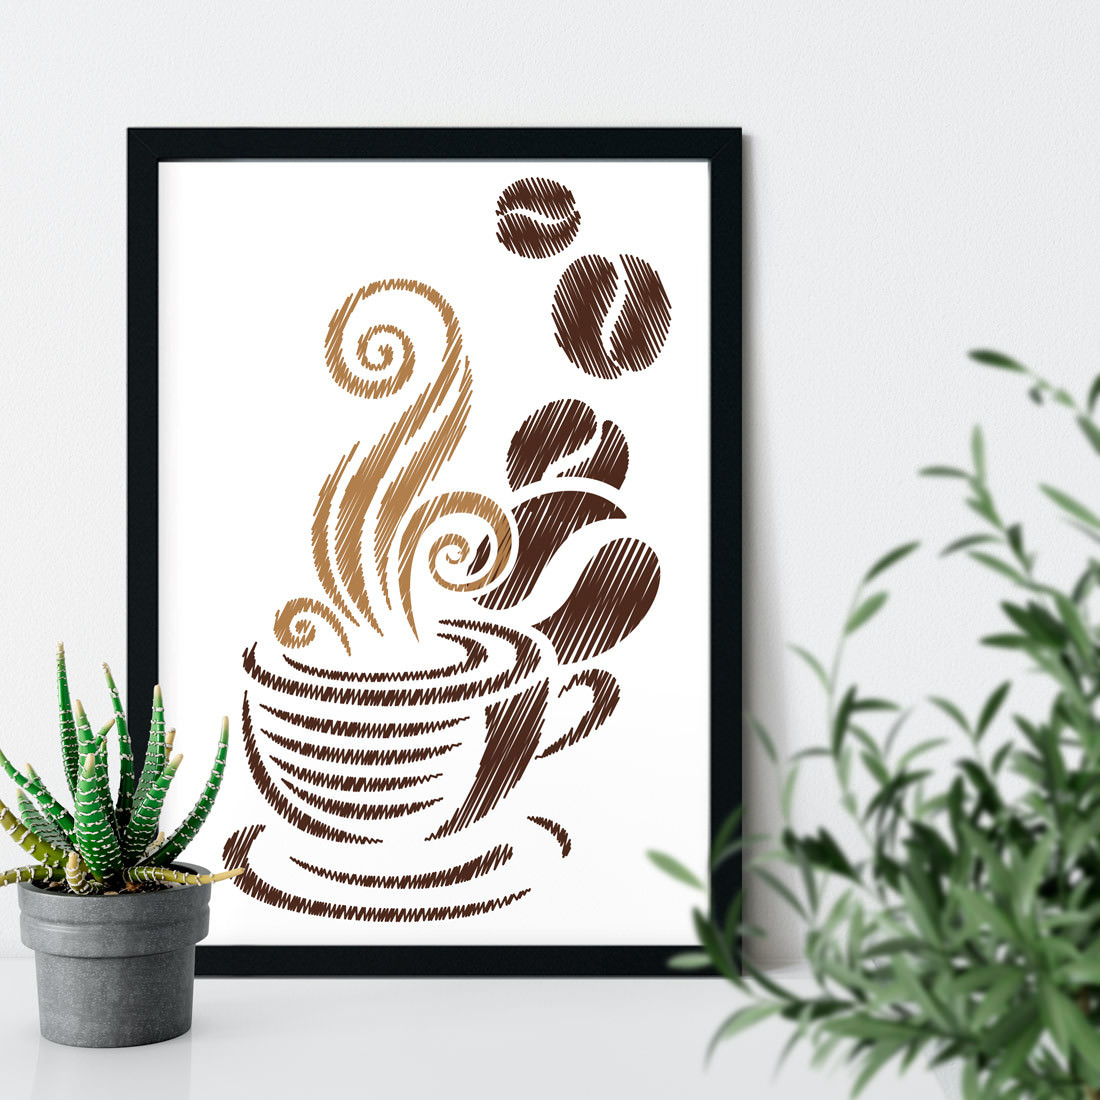 Quadro Decorativo Xícara e Grãos de Café